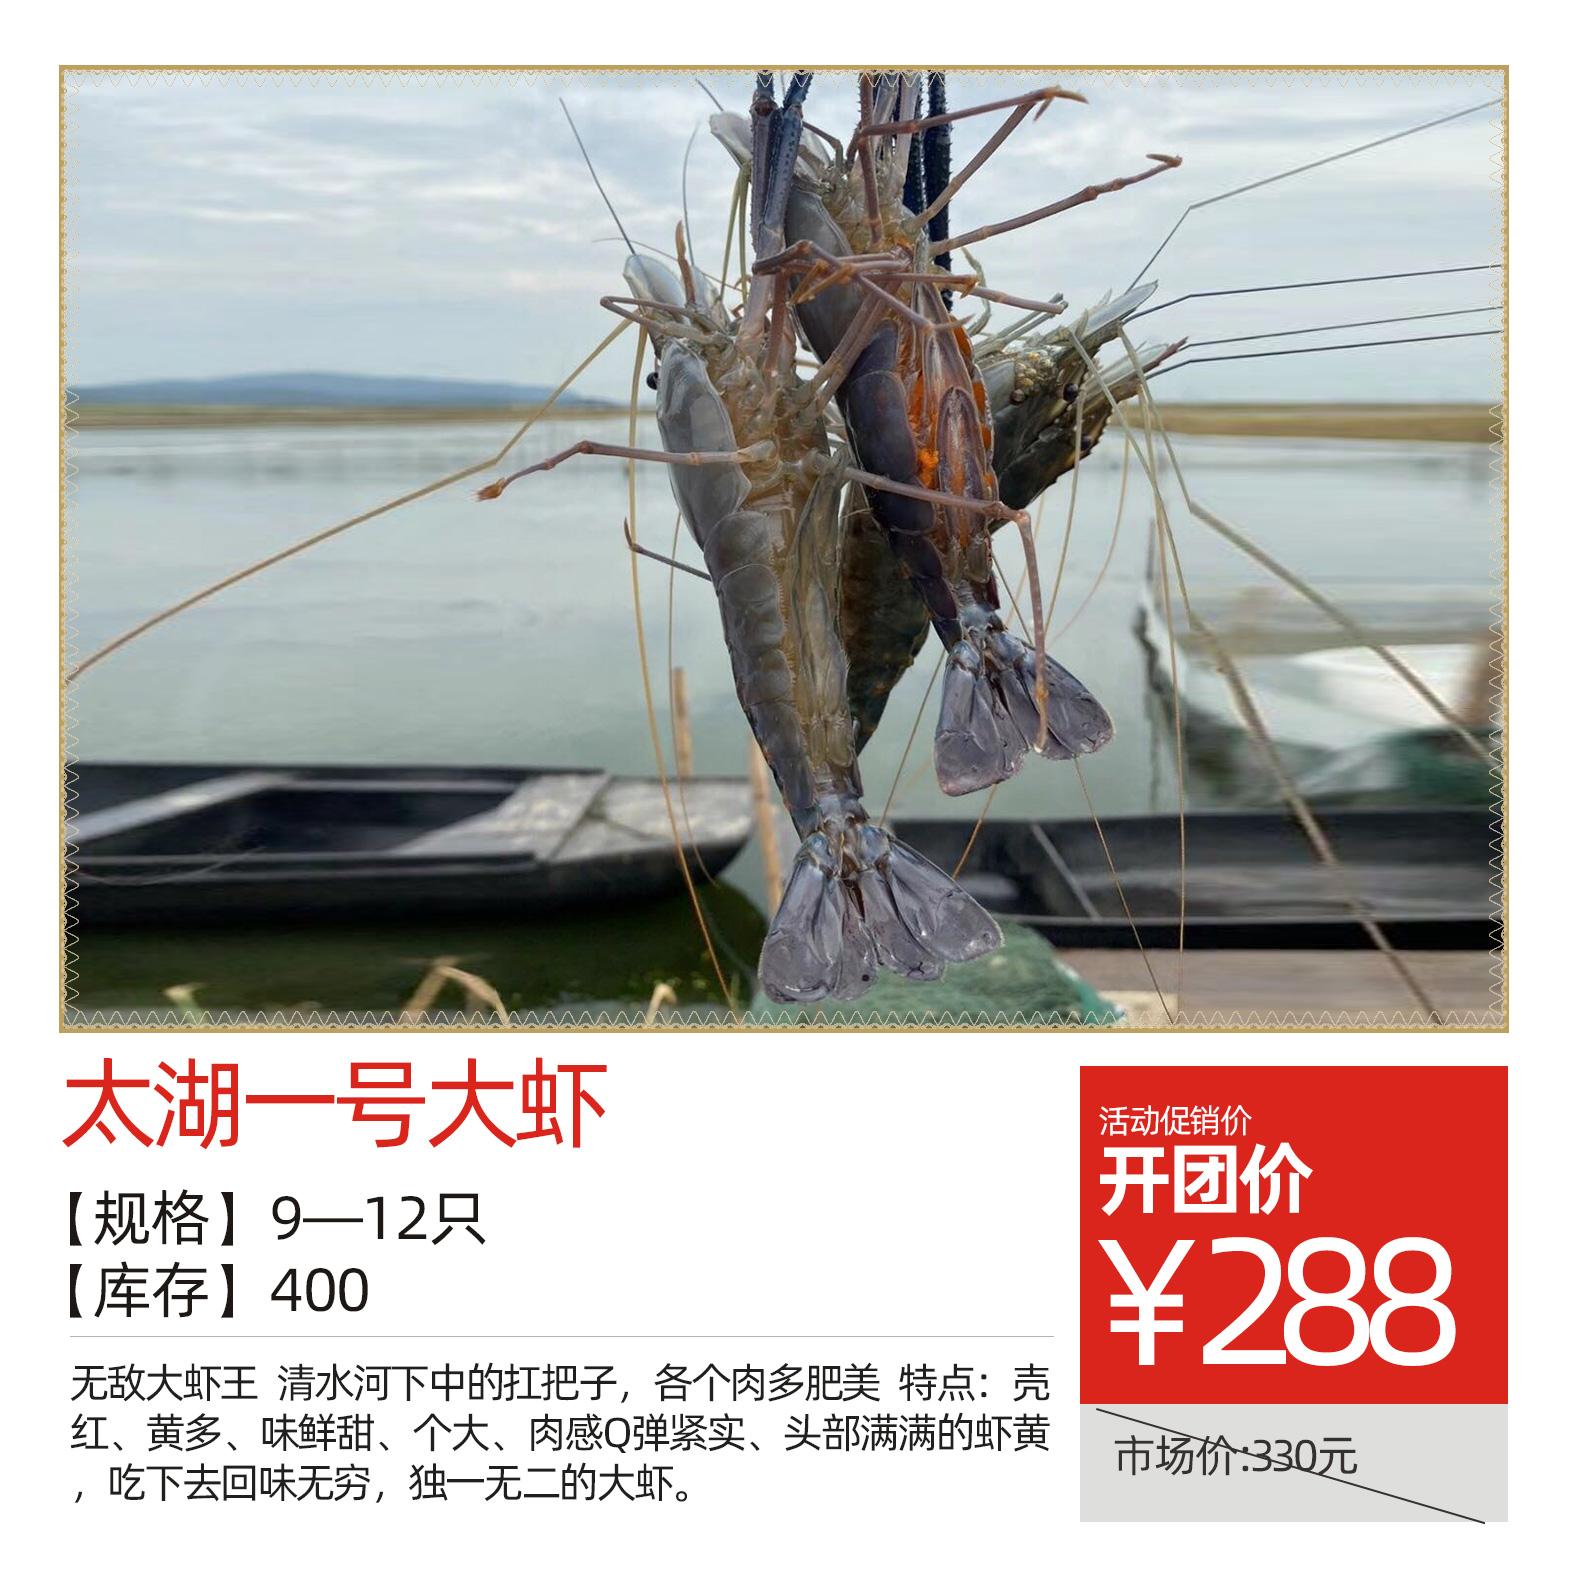 太湖一号大虾